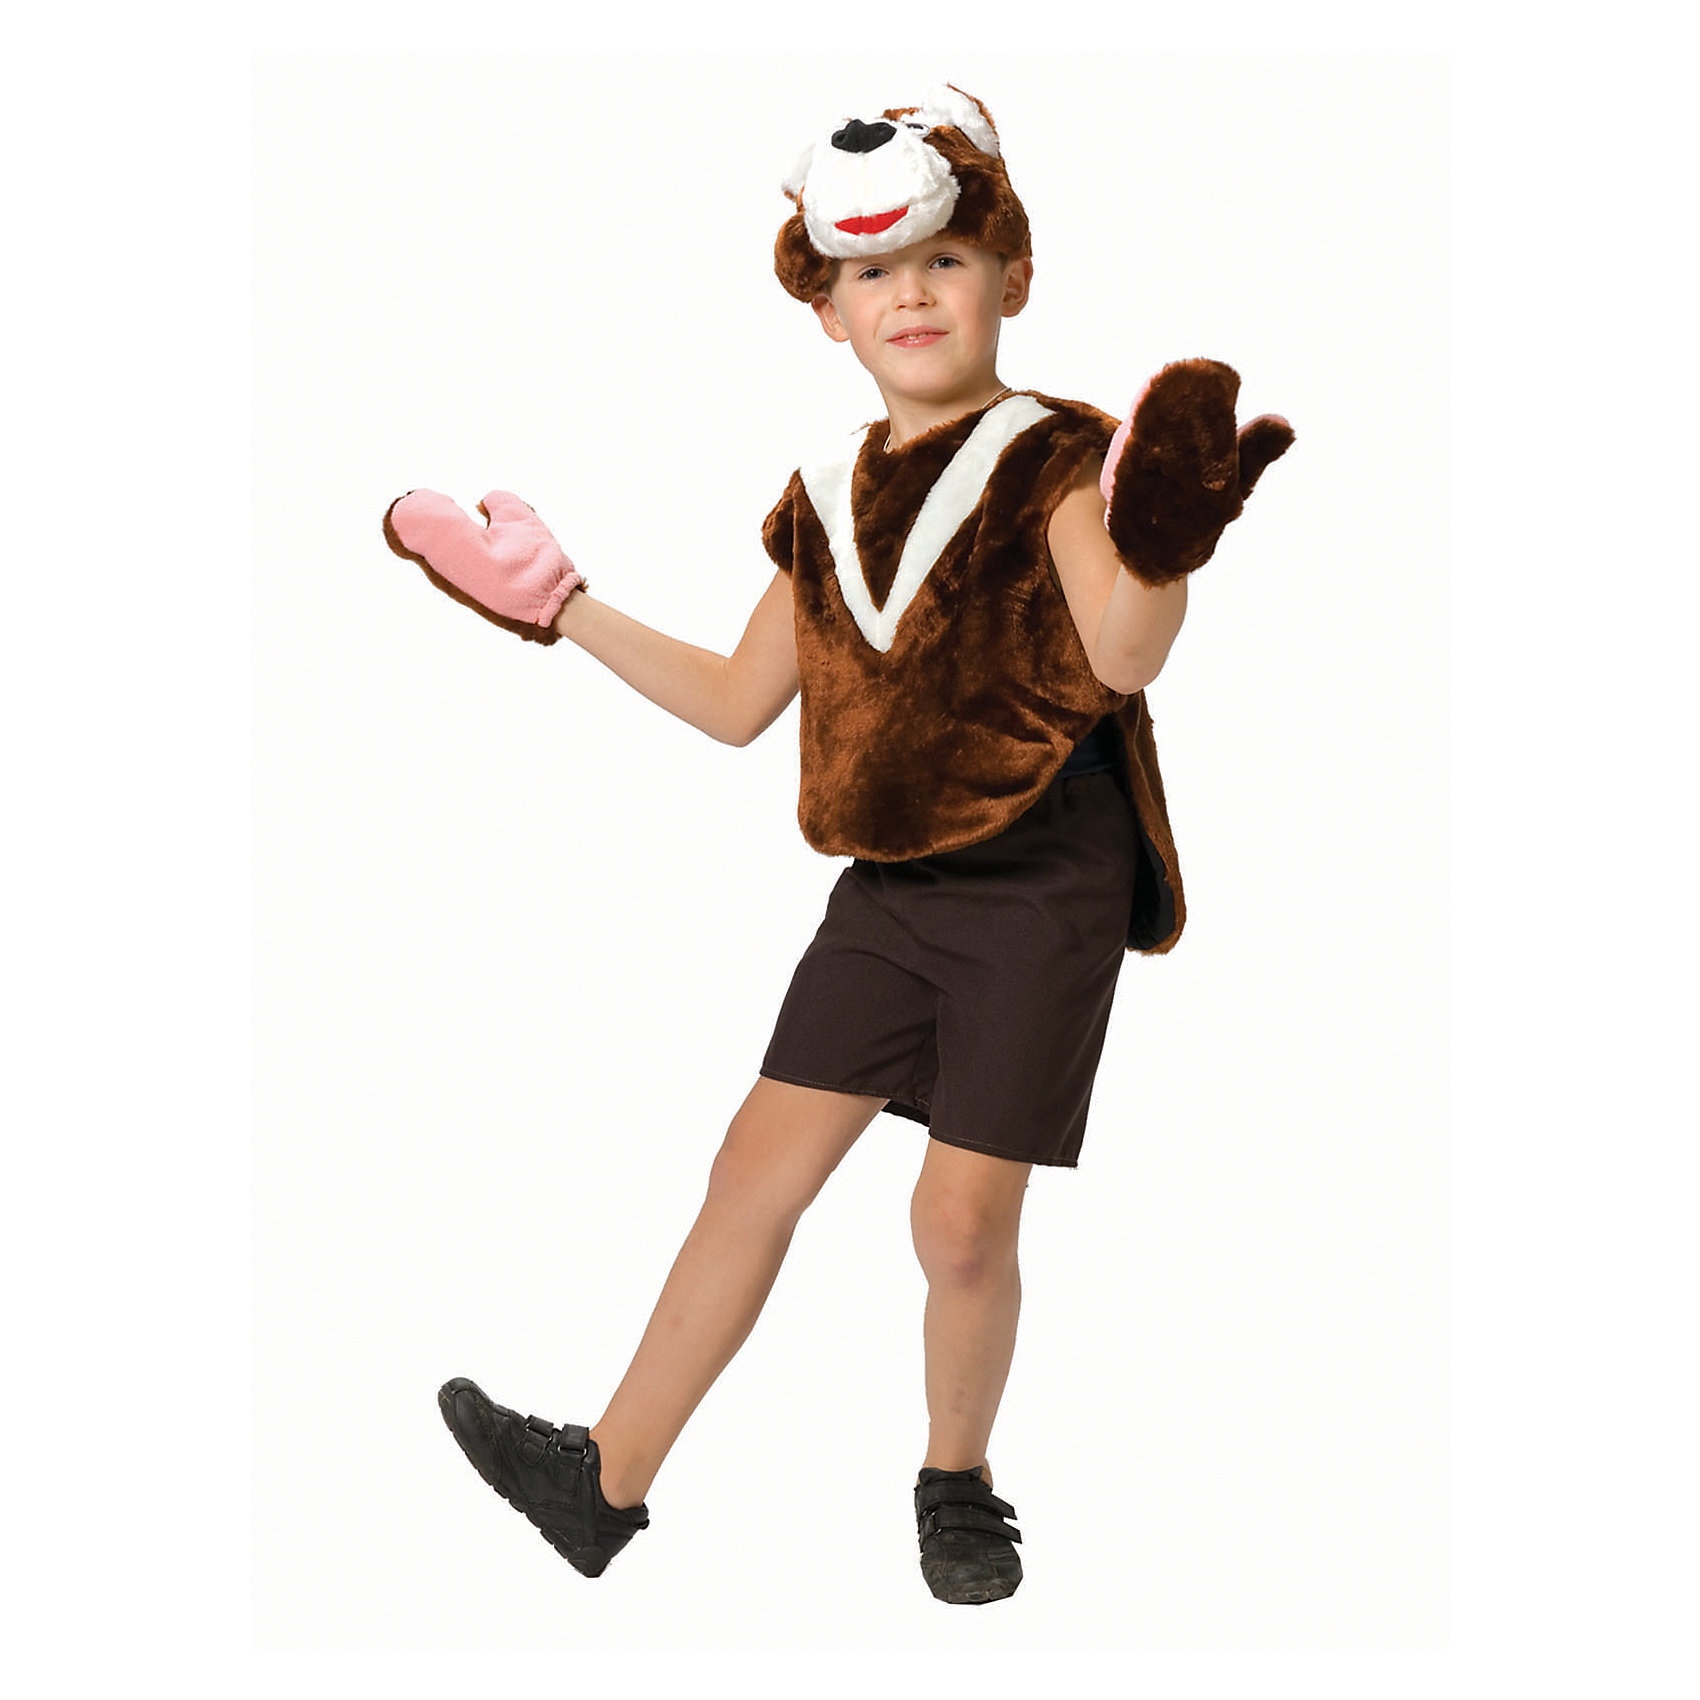 Карнавальный костюм для мальчика Медвежонок, ВестификаКарнавальные костюмы и аксессуары<br>Медвежонок - постоянный участник всех утренников и праздников в детском саду. Поэтому наш карнавальный костюм Медвежонок пользуется большой популярностью. Костюм состоит из шикарной меховой жилетки, шортиков из габардина, шапки-маски и варежек. Просторную жилетку можно одевать поверх футболочки белого или бежевого цвета.<br><br>Дополнительная информация:<br><br>Комплектация:<br>Шорты из габардина<br>Жилетка меховая<br>Шапка-маска<br>Варежки меховые<br>Ткани:<br>Искусственный мех (100% полиэстер)<br>Габардин (100% полиэстер)<br>Бязь (100% хлопок)<br><br>Карнавальный костюм для мальчика Медвежонок, Вестифика можно купить в нашем магазине.<br><br>Ширина мм: 236<br>Глубина мм: 16<br>Высота мм: 184<br>Вес г: 310<br>Цвет: разноцветный<br>Возраст от месяцев: 48<br>Возраст до месяцев: 60<br>Пол: Женский<br>Возраст: Детский<br>Размер: 104/110,116/122<br>SKU: 4389263